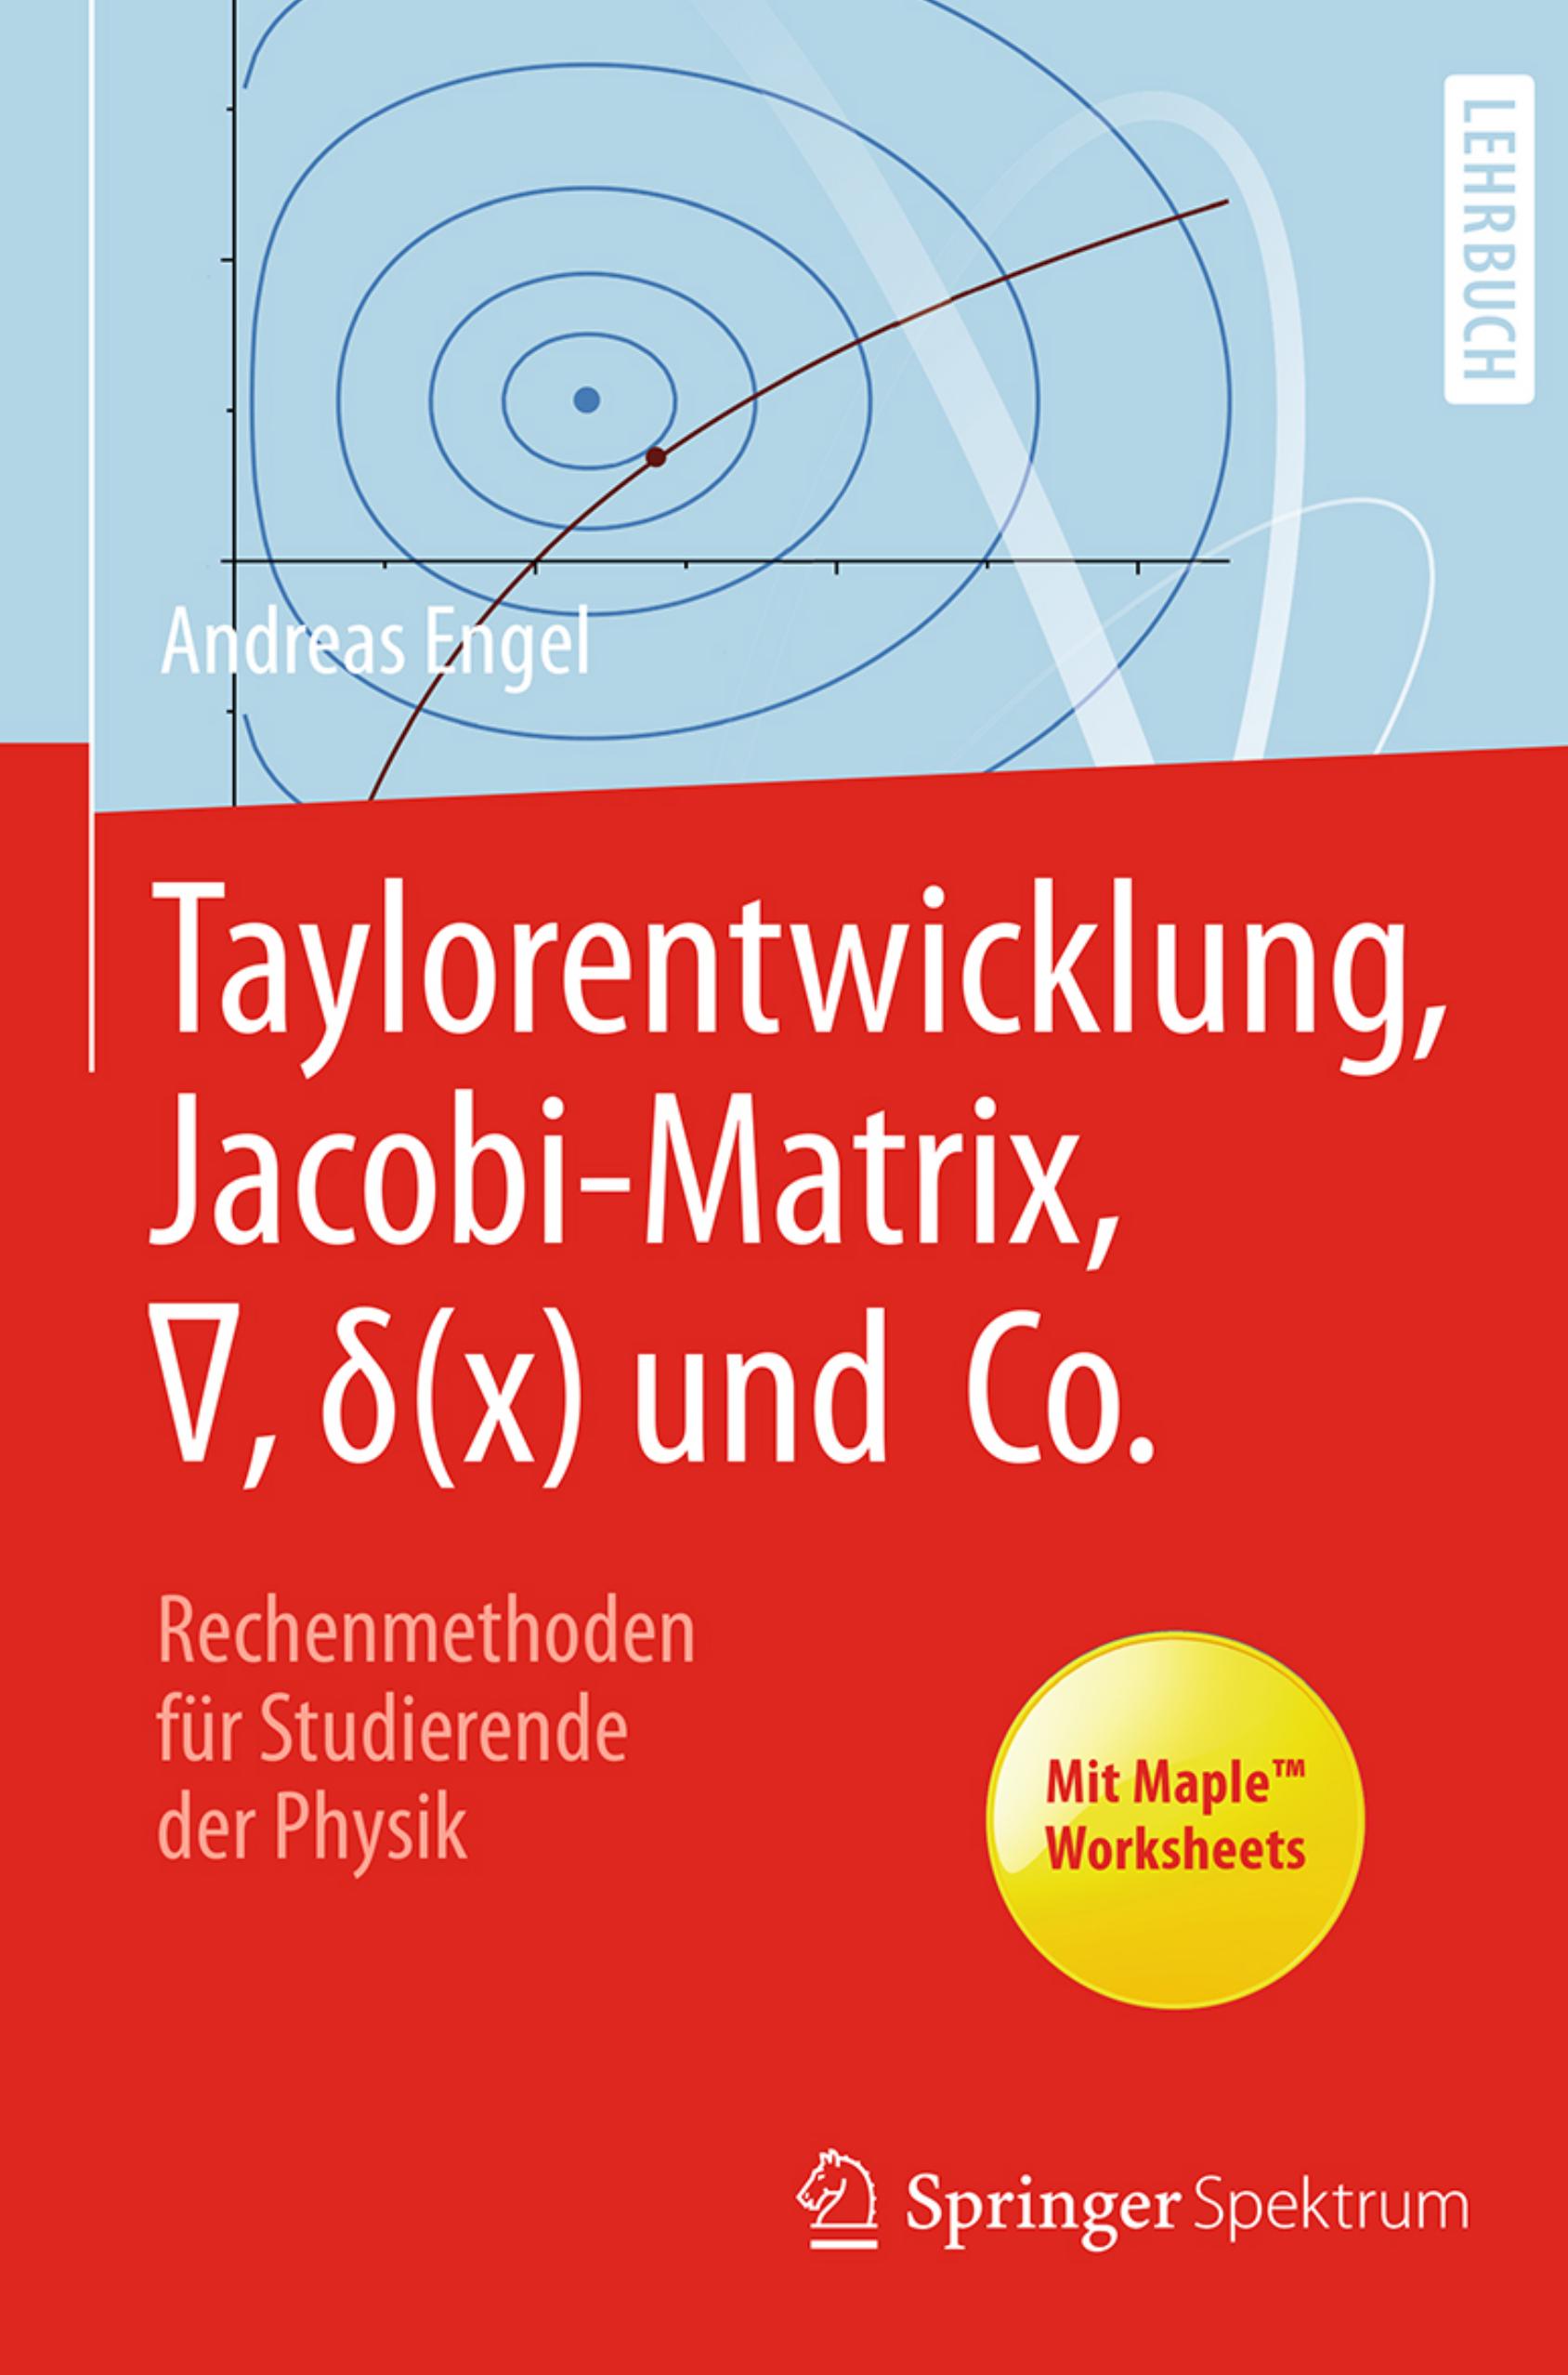 Cover zu Engel - Taylorentwicklung, Jacobi-Matrix, Nabla, Delta